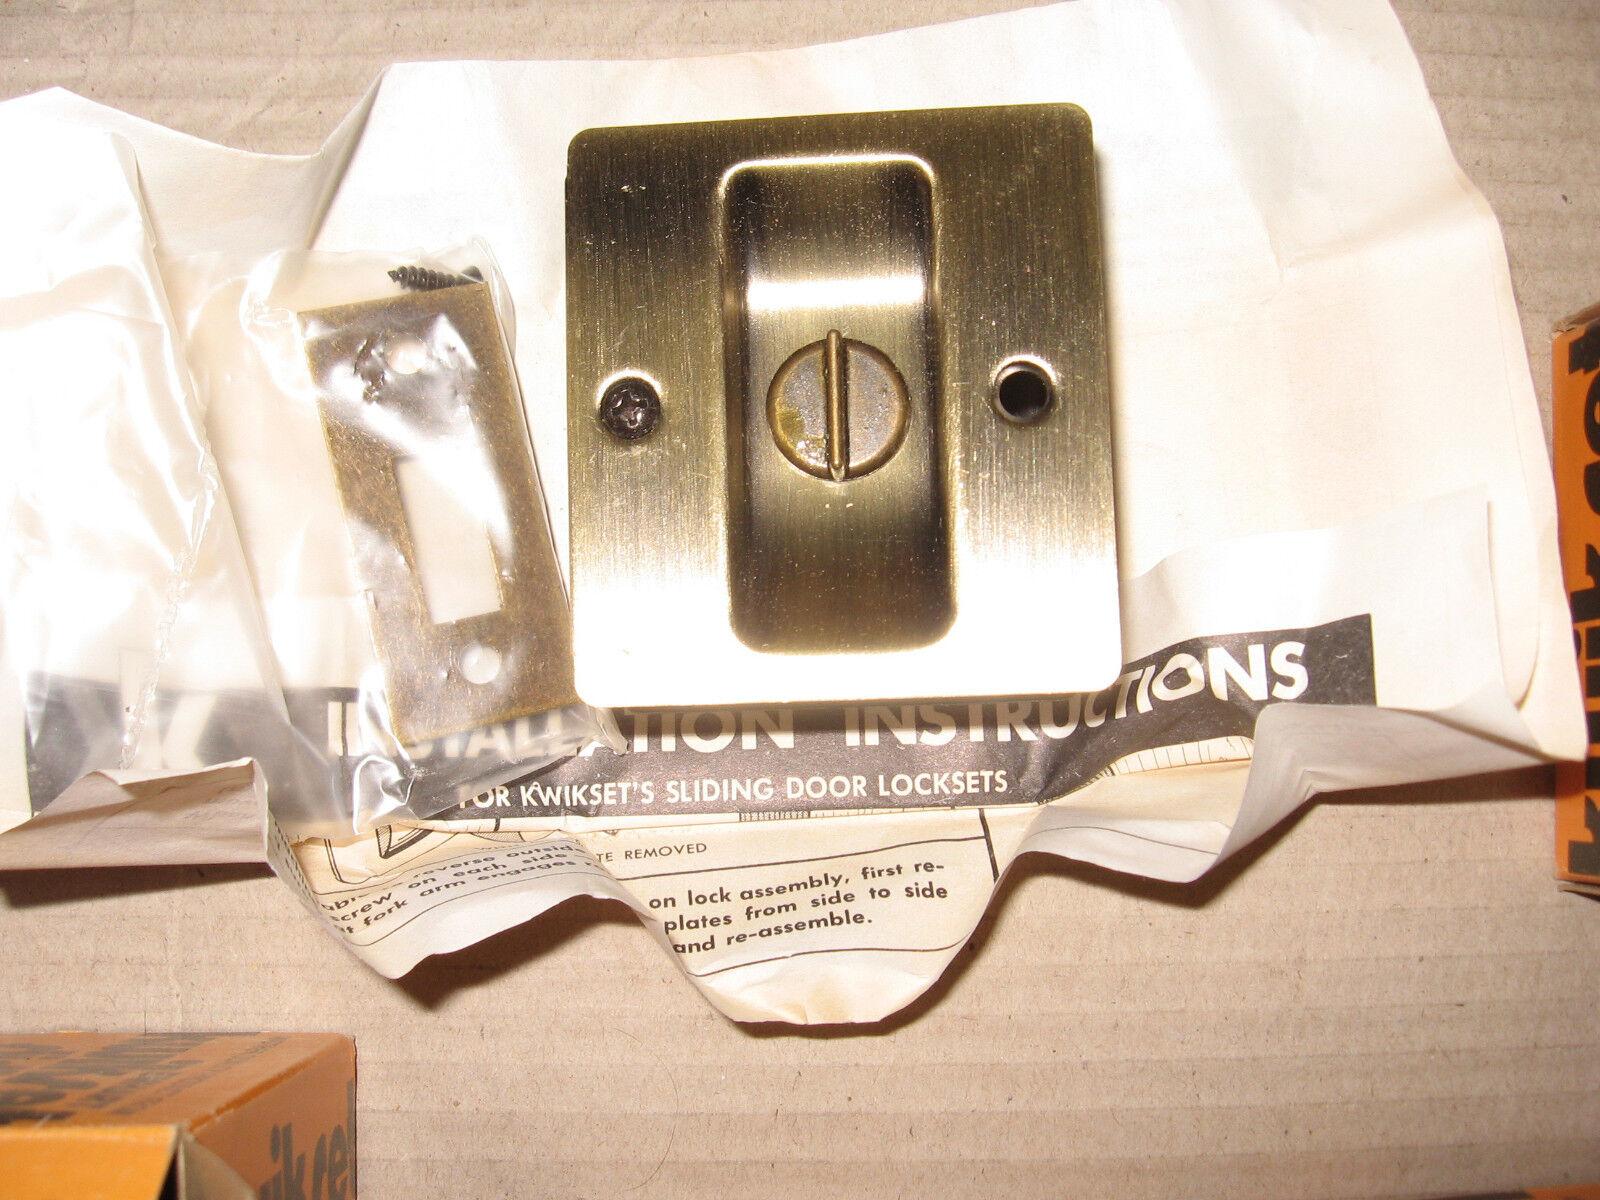 Lot 2 Kwikset Privacy Notch Antique Brass Pocket Sliding Doo